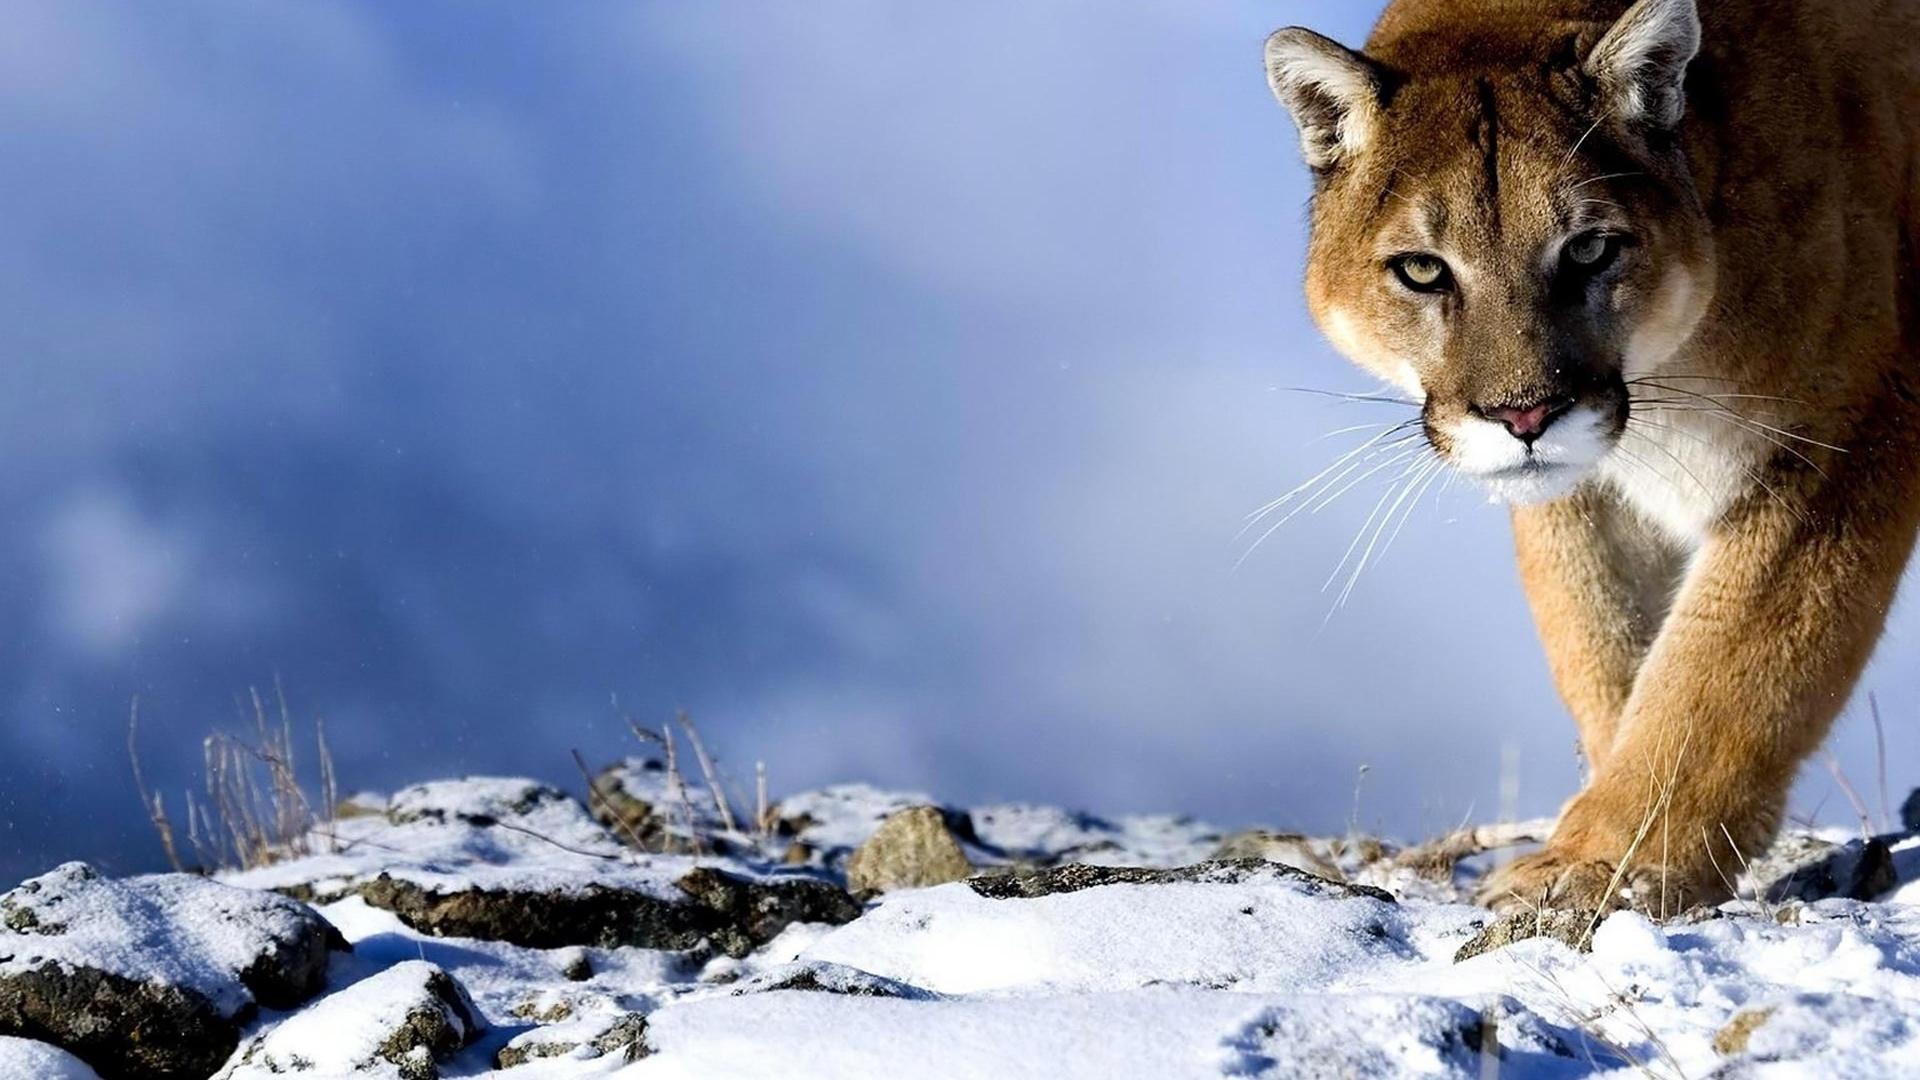 Mountain Lion HD Wallpaper